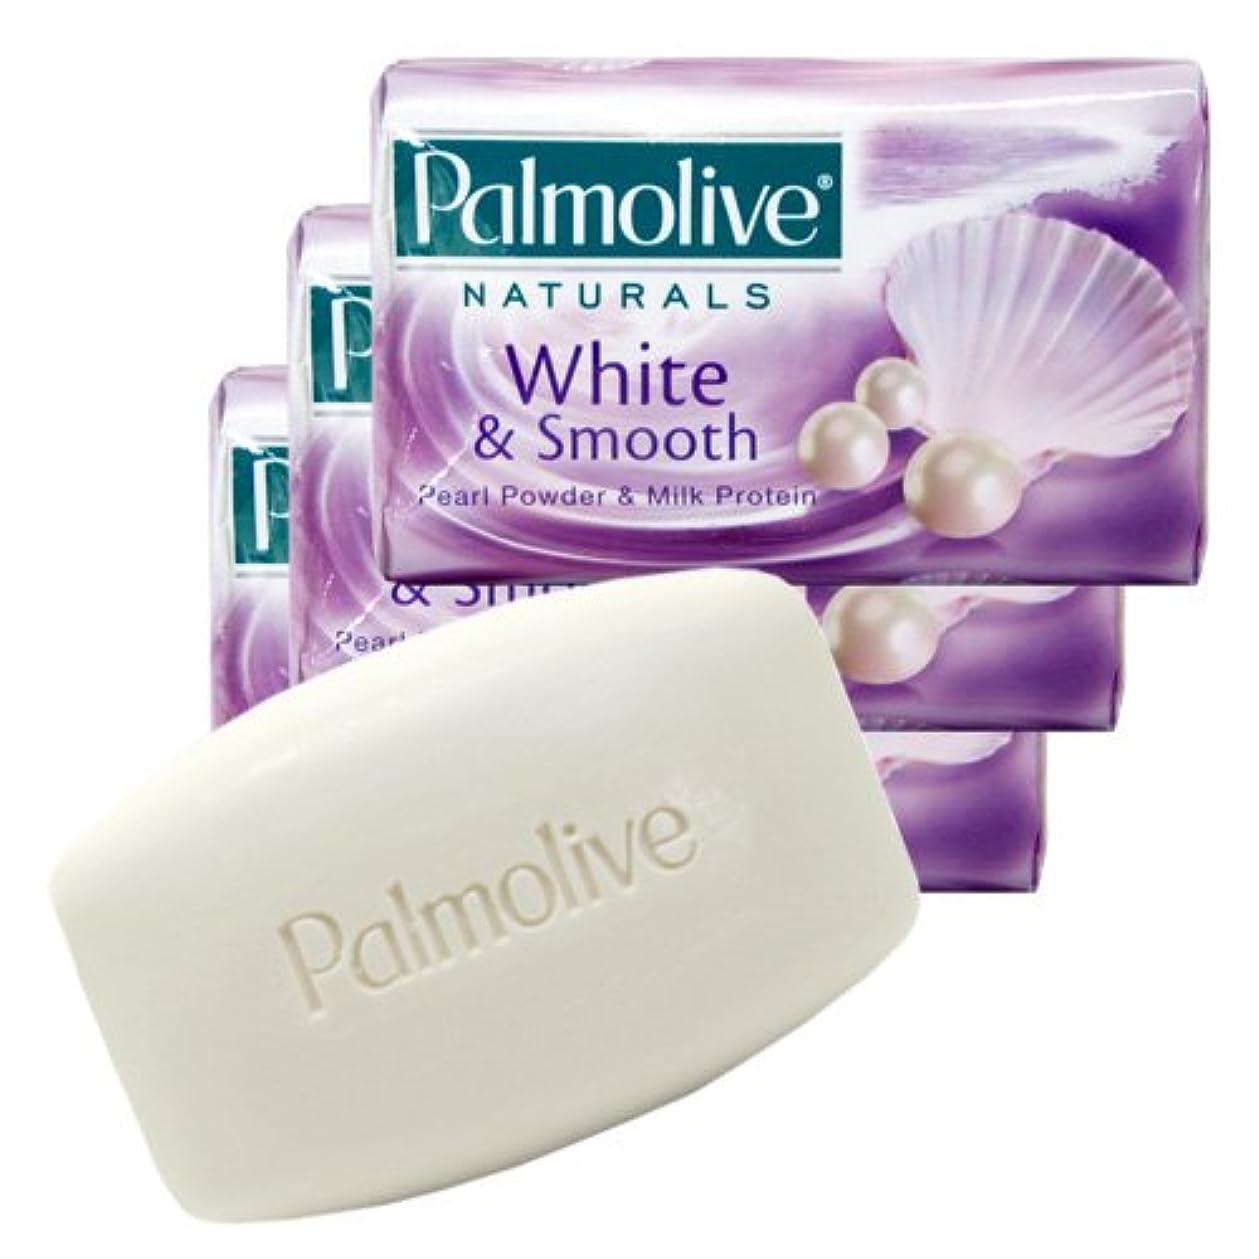 入札恥ずかしい健全【Palmolive】パルモリーブ ナチュラルズ石鹸3個パック ホワイト&スムース(パールパウダー&ミルクプロテイン)80g×3